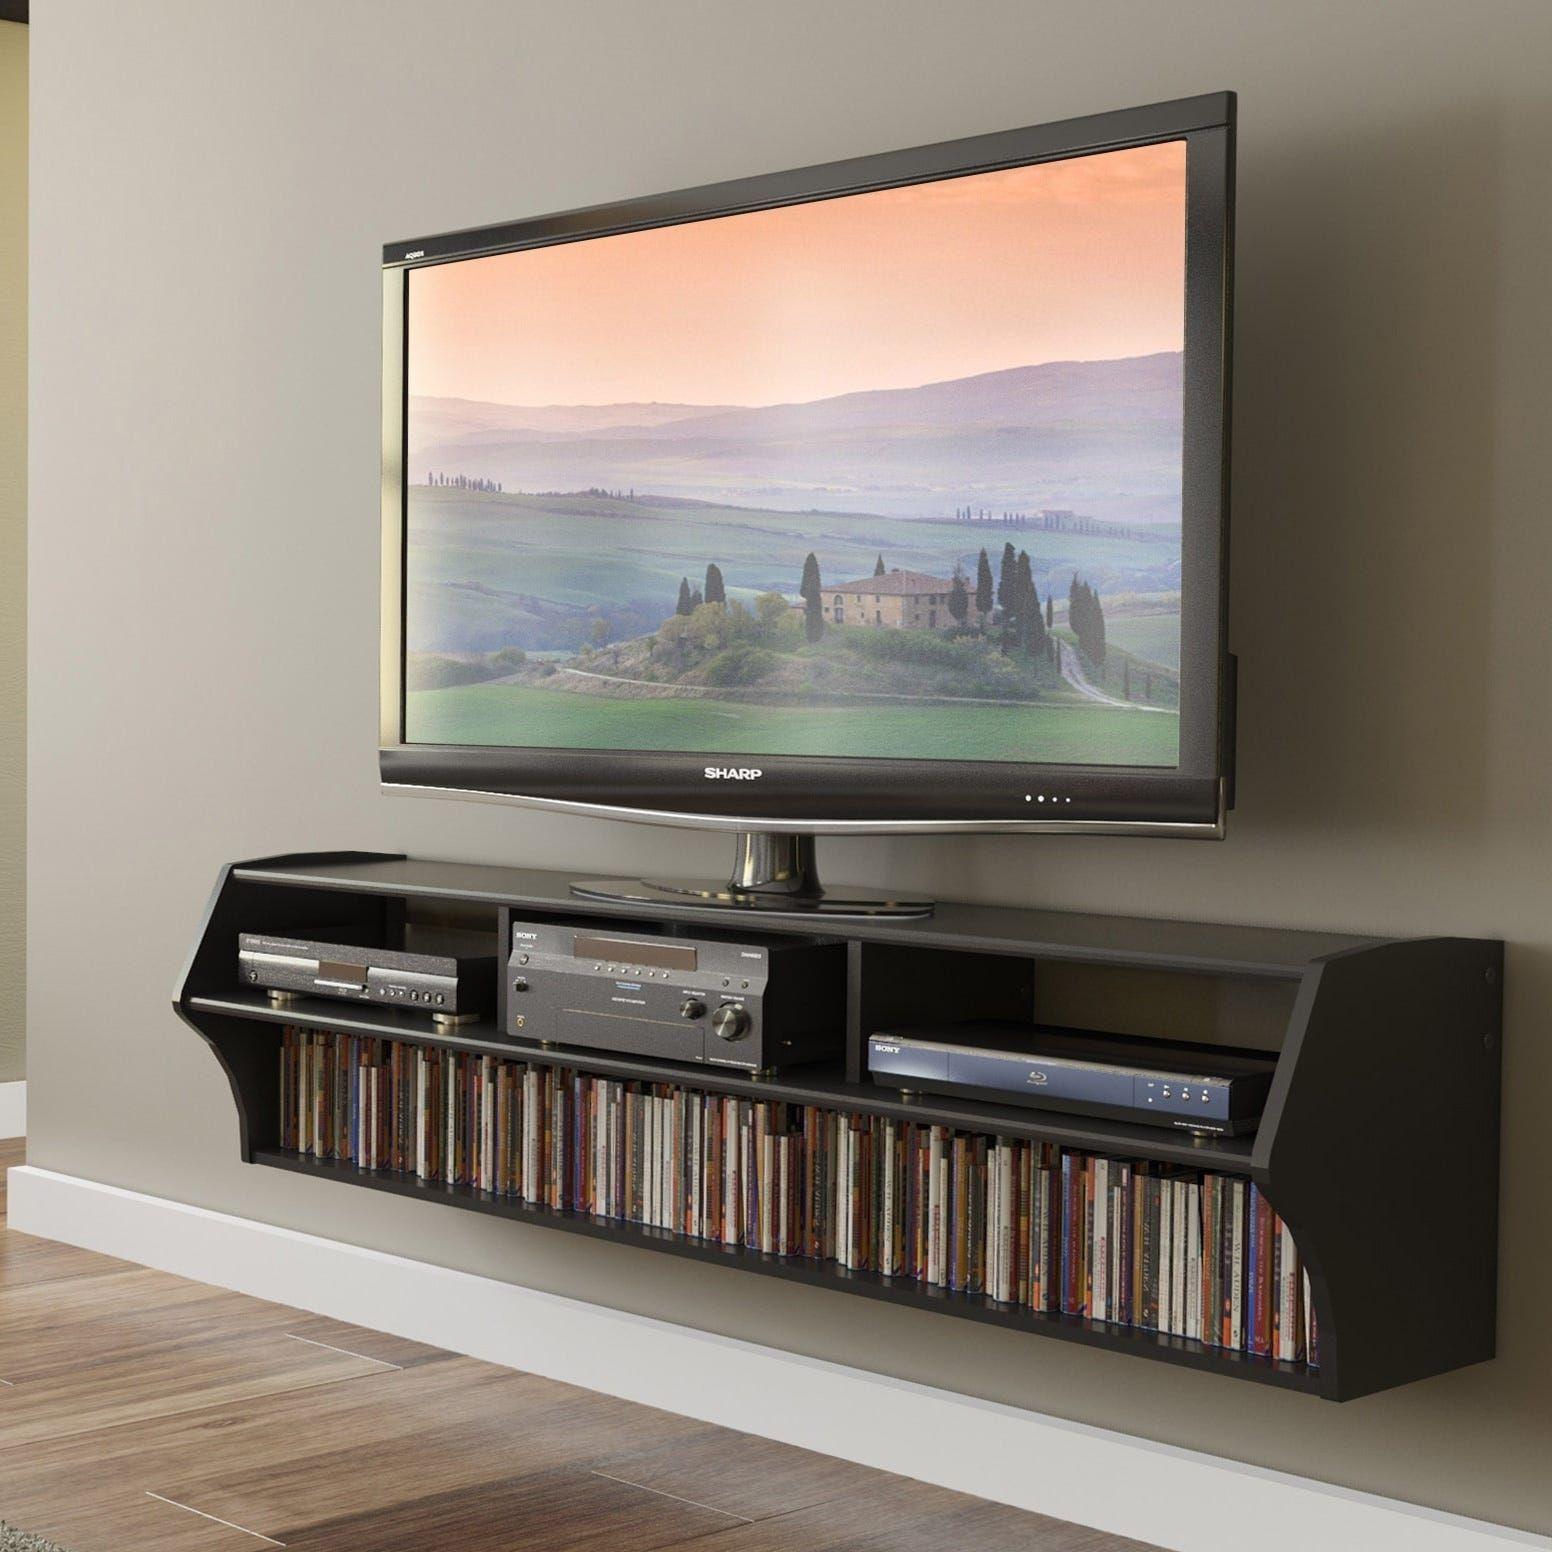 Repurposed Furniture Elk Grove Ca Repurposedfurniture Wall Mounted Tv Wall Mount Tv Stand Corner Tv Wall Mount